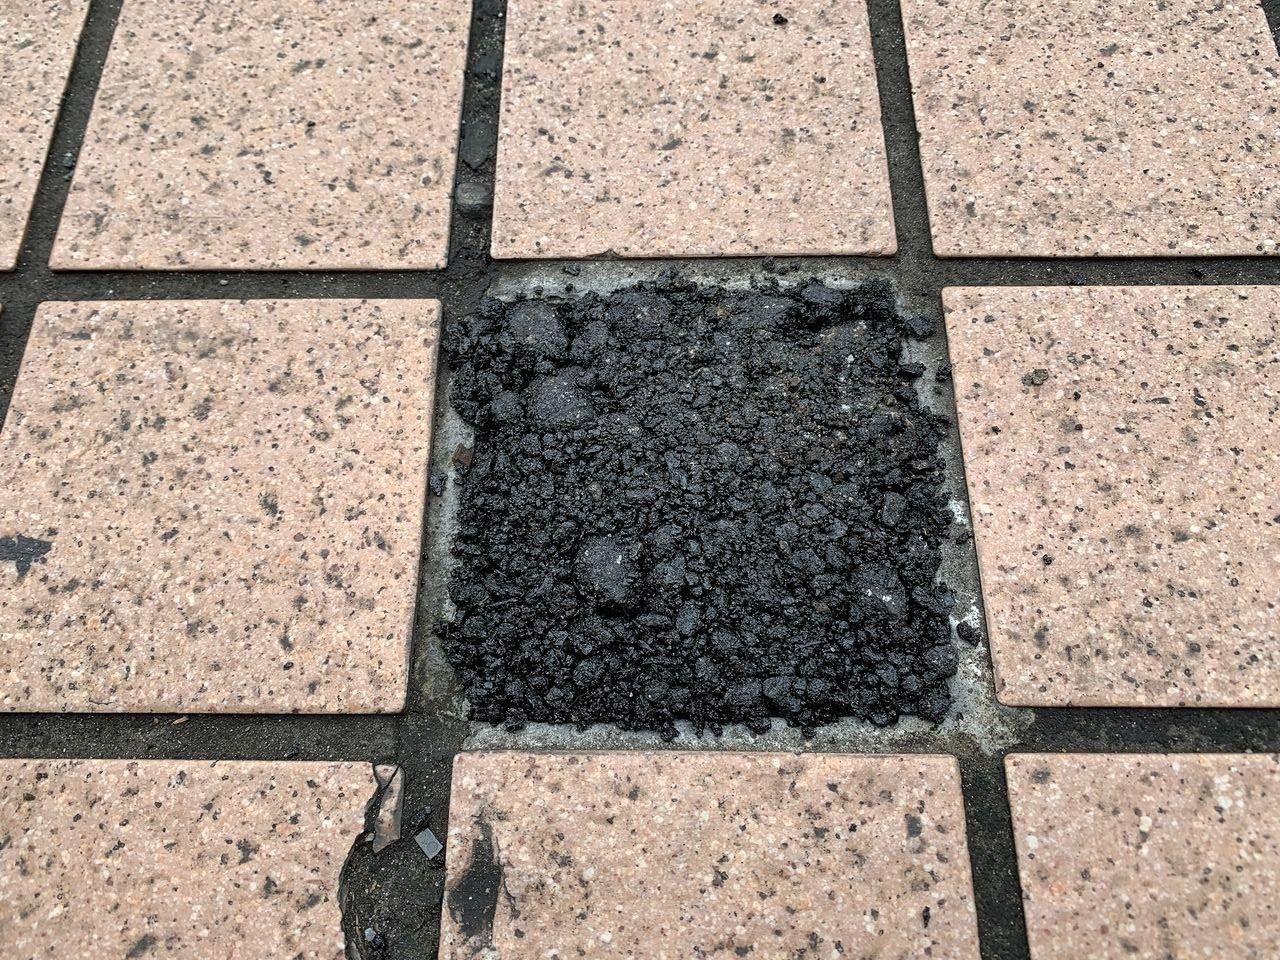 もう1ヶ所も補修材を使った歩道のタイル補修です。